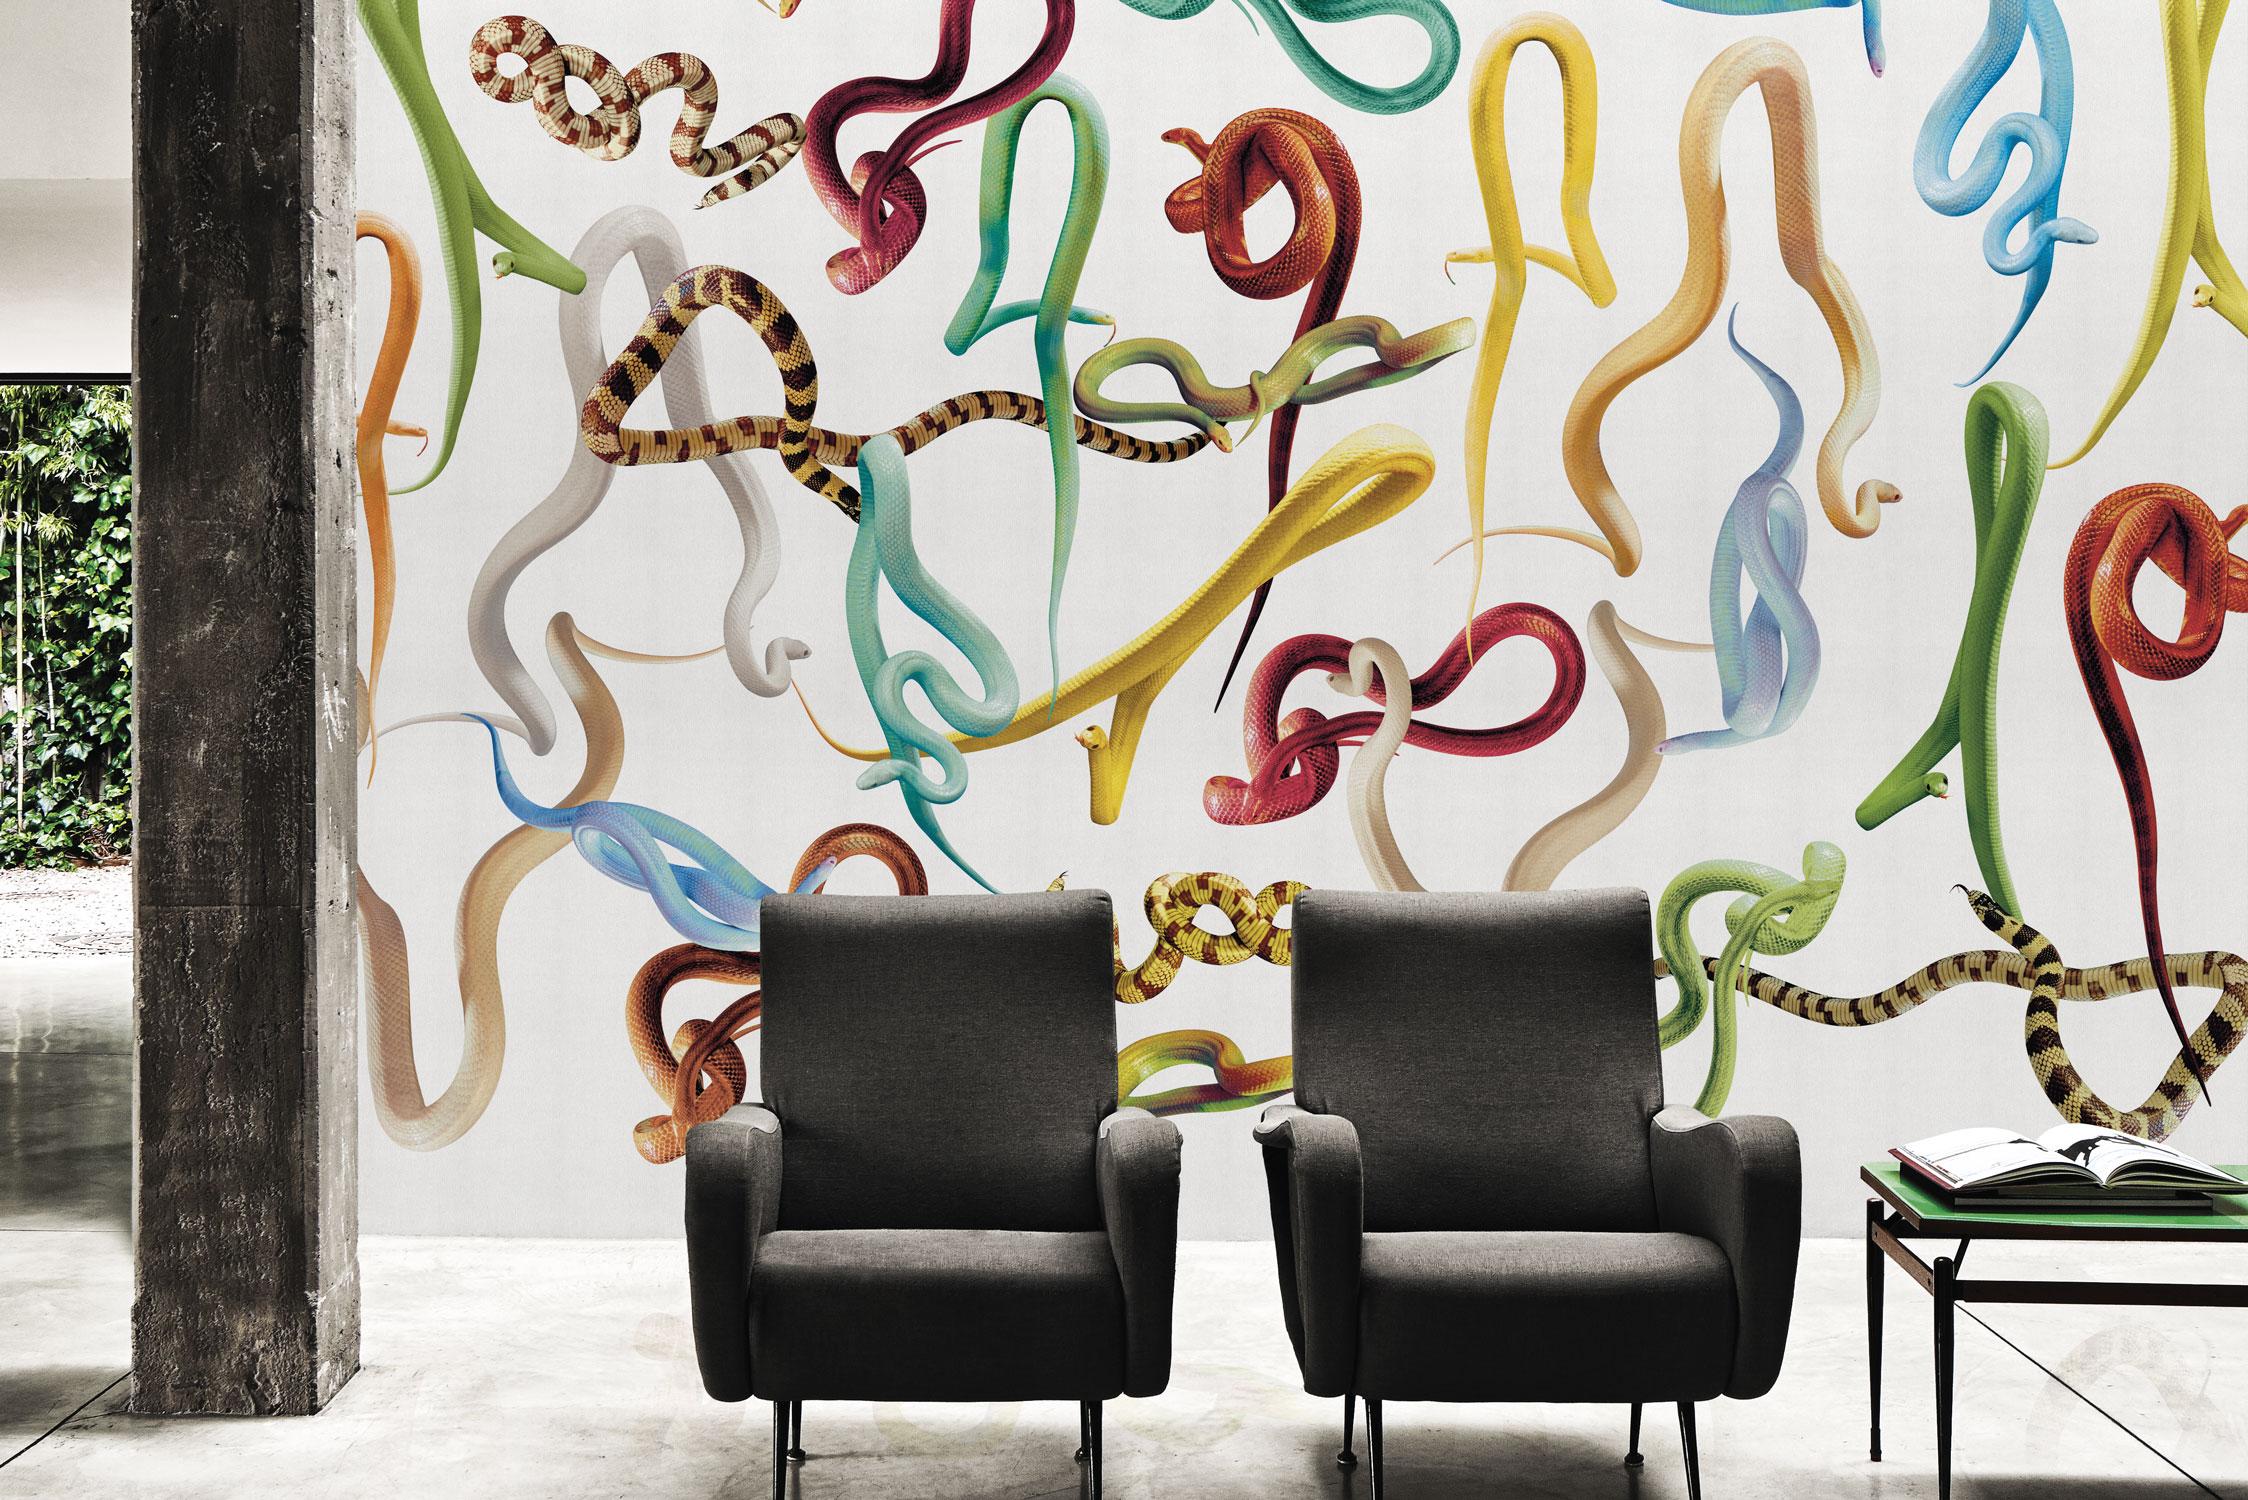 Londonart exclusive Wallpaper